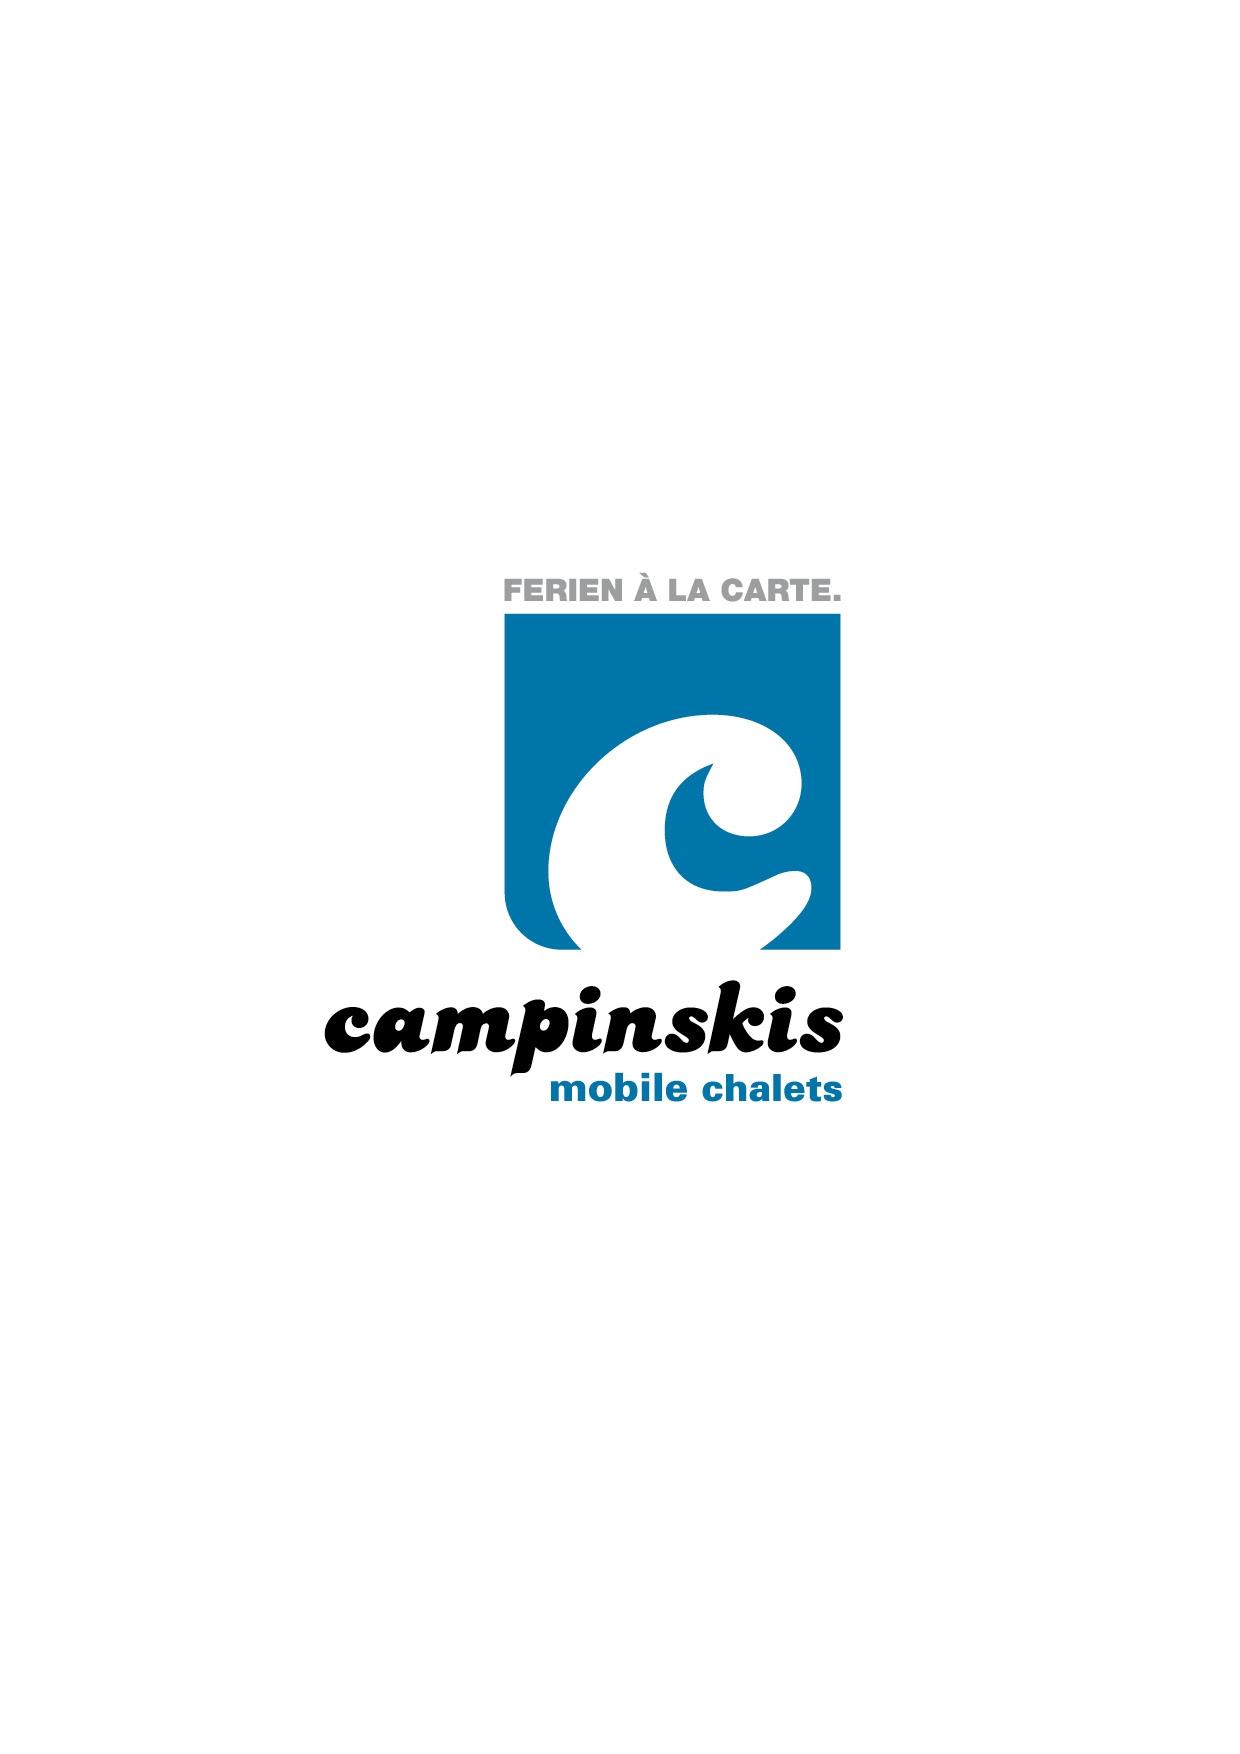 campinskis mobile chalets FERIEN Á LA CARTE.